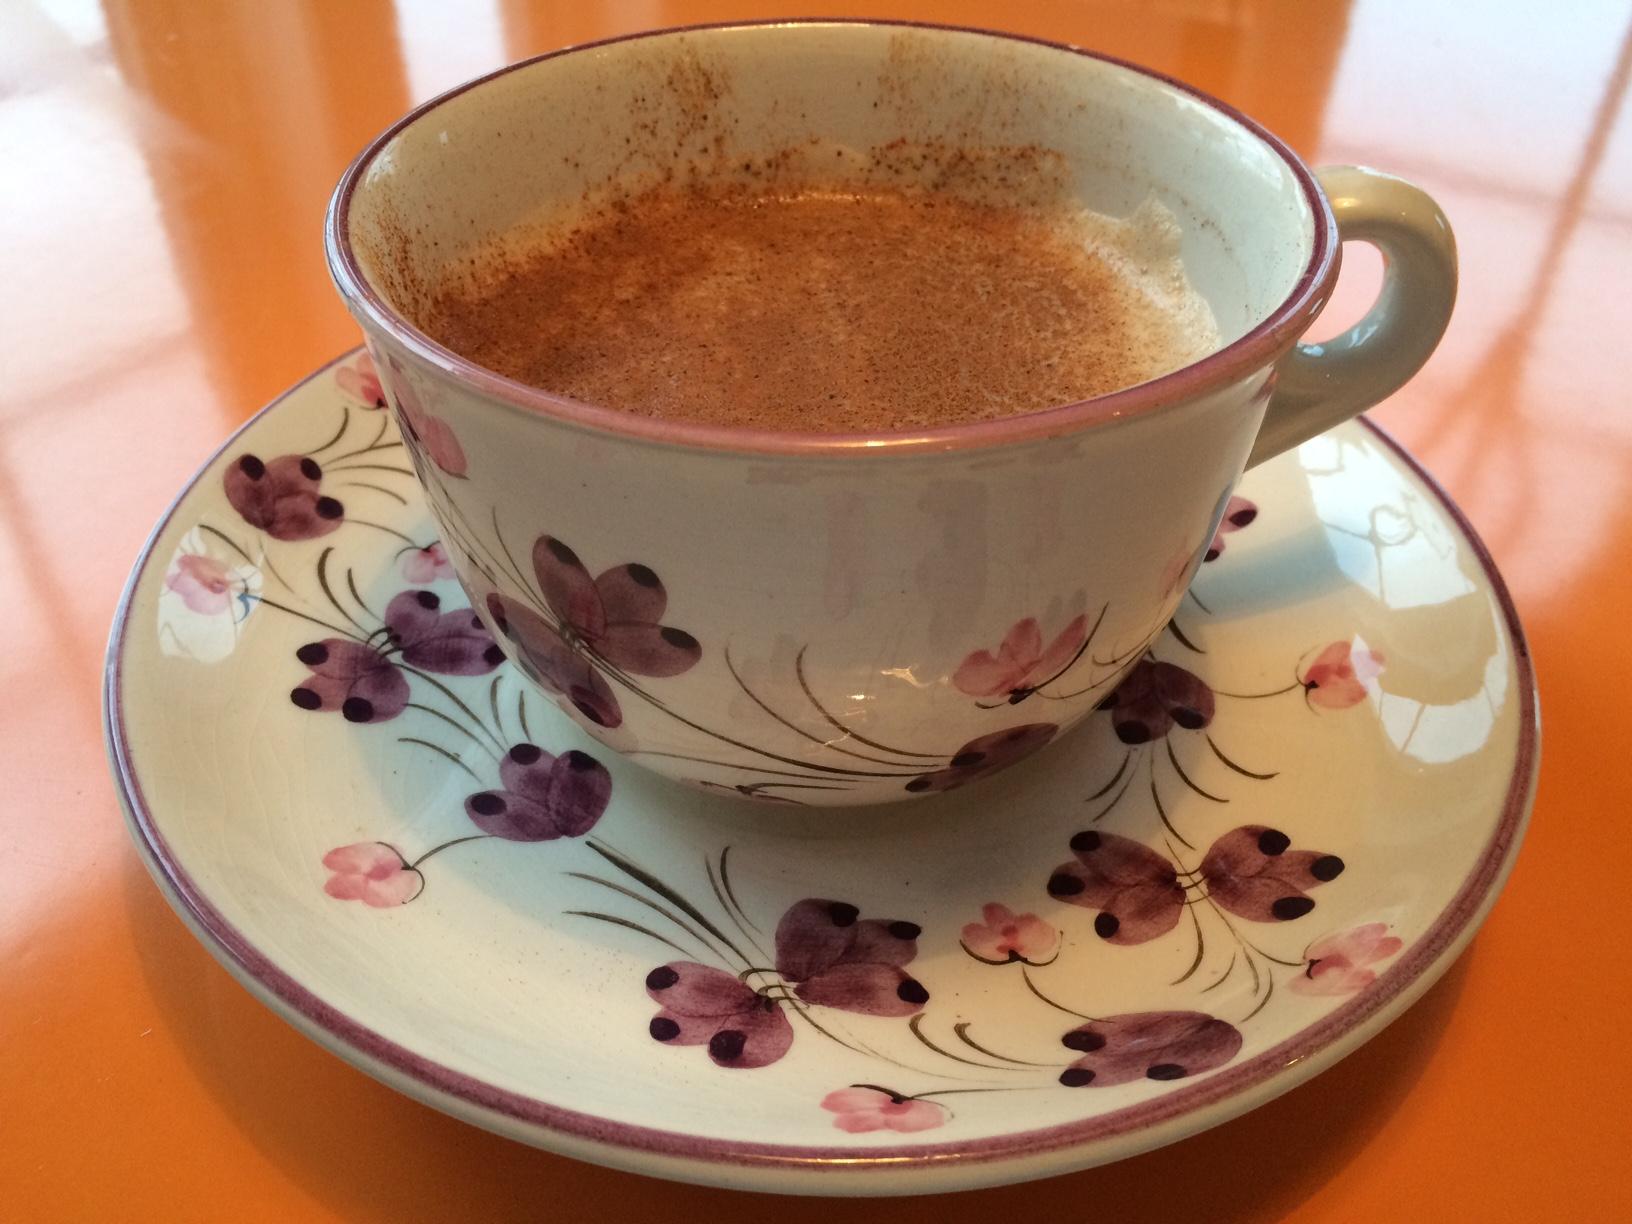 Gissa om jag NJÖT när jag sakta sörplade i mig min morgonlatte ur denna vackra kopp!